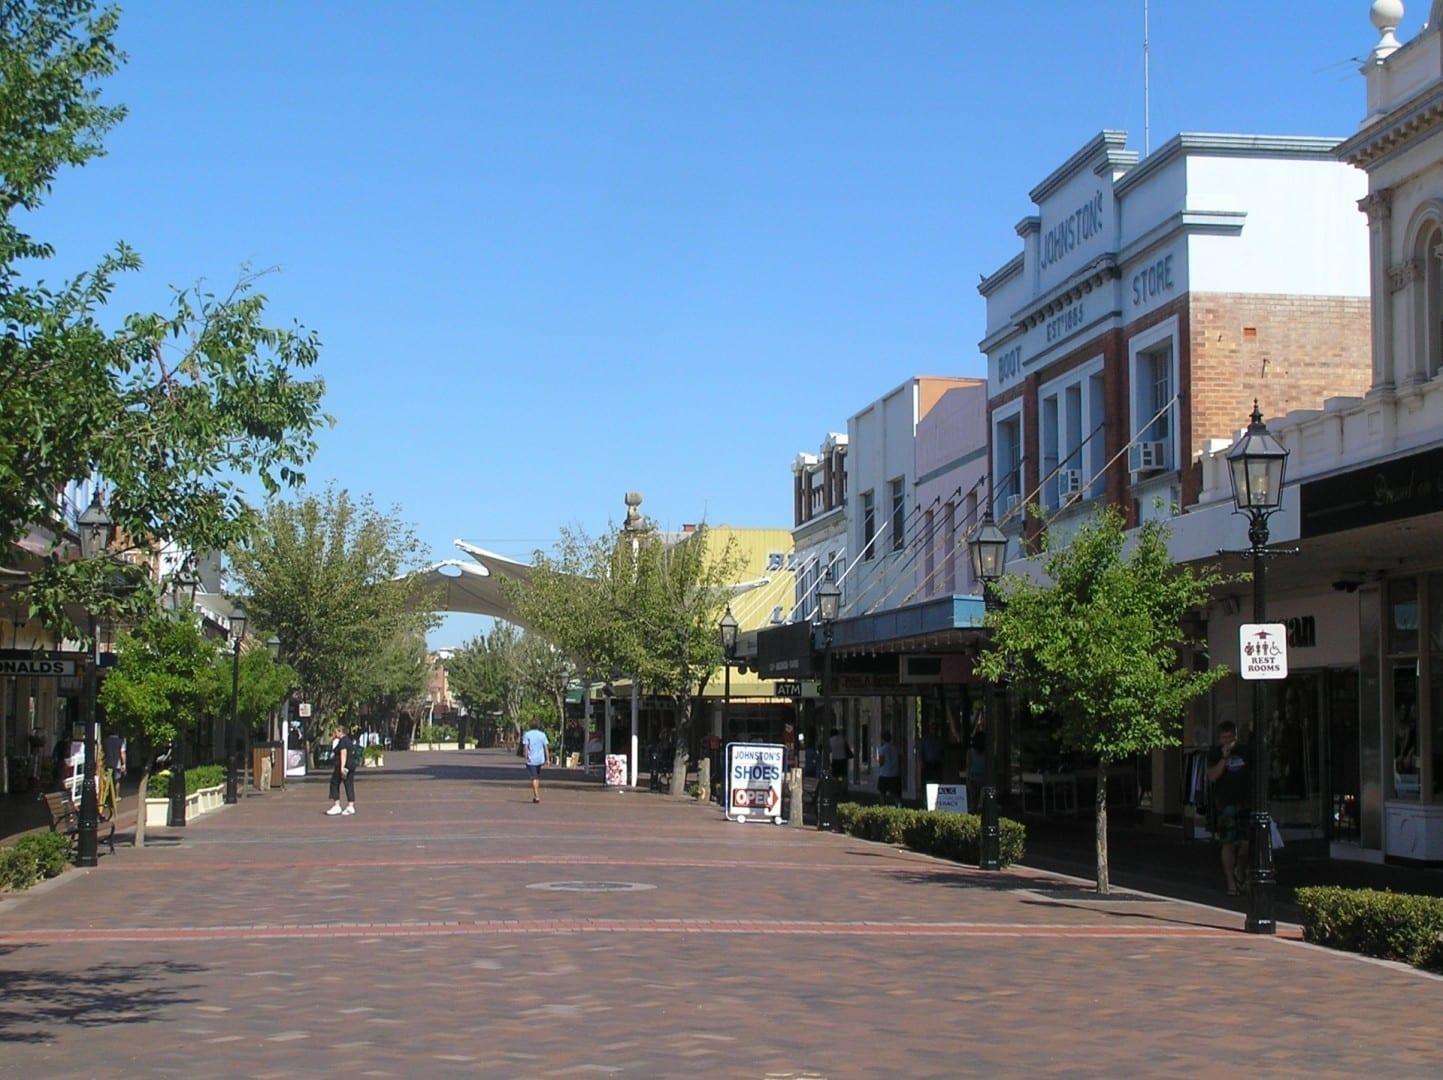 Heritage Mall, Maitland Maitland Australia